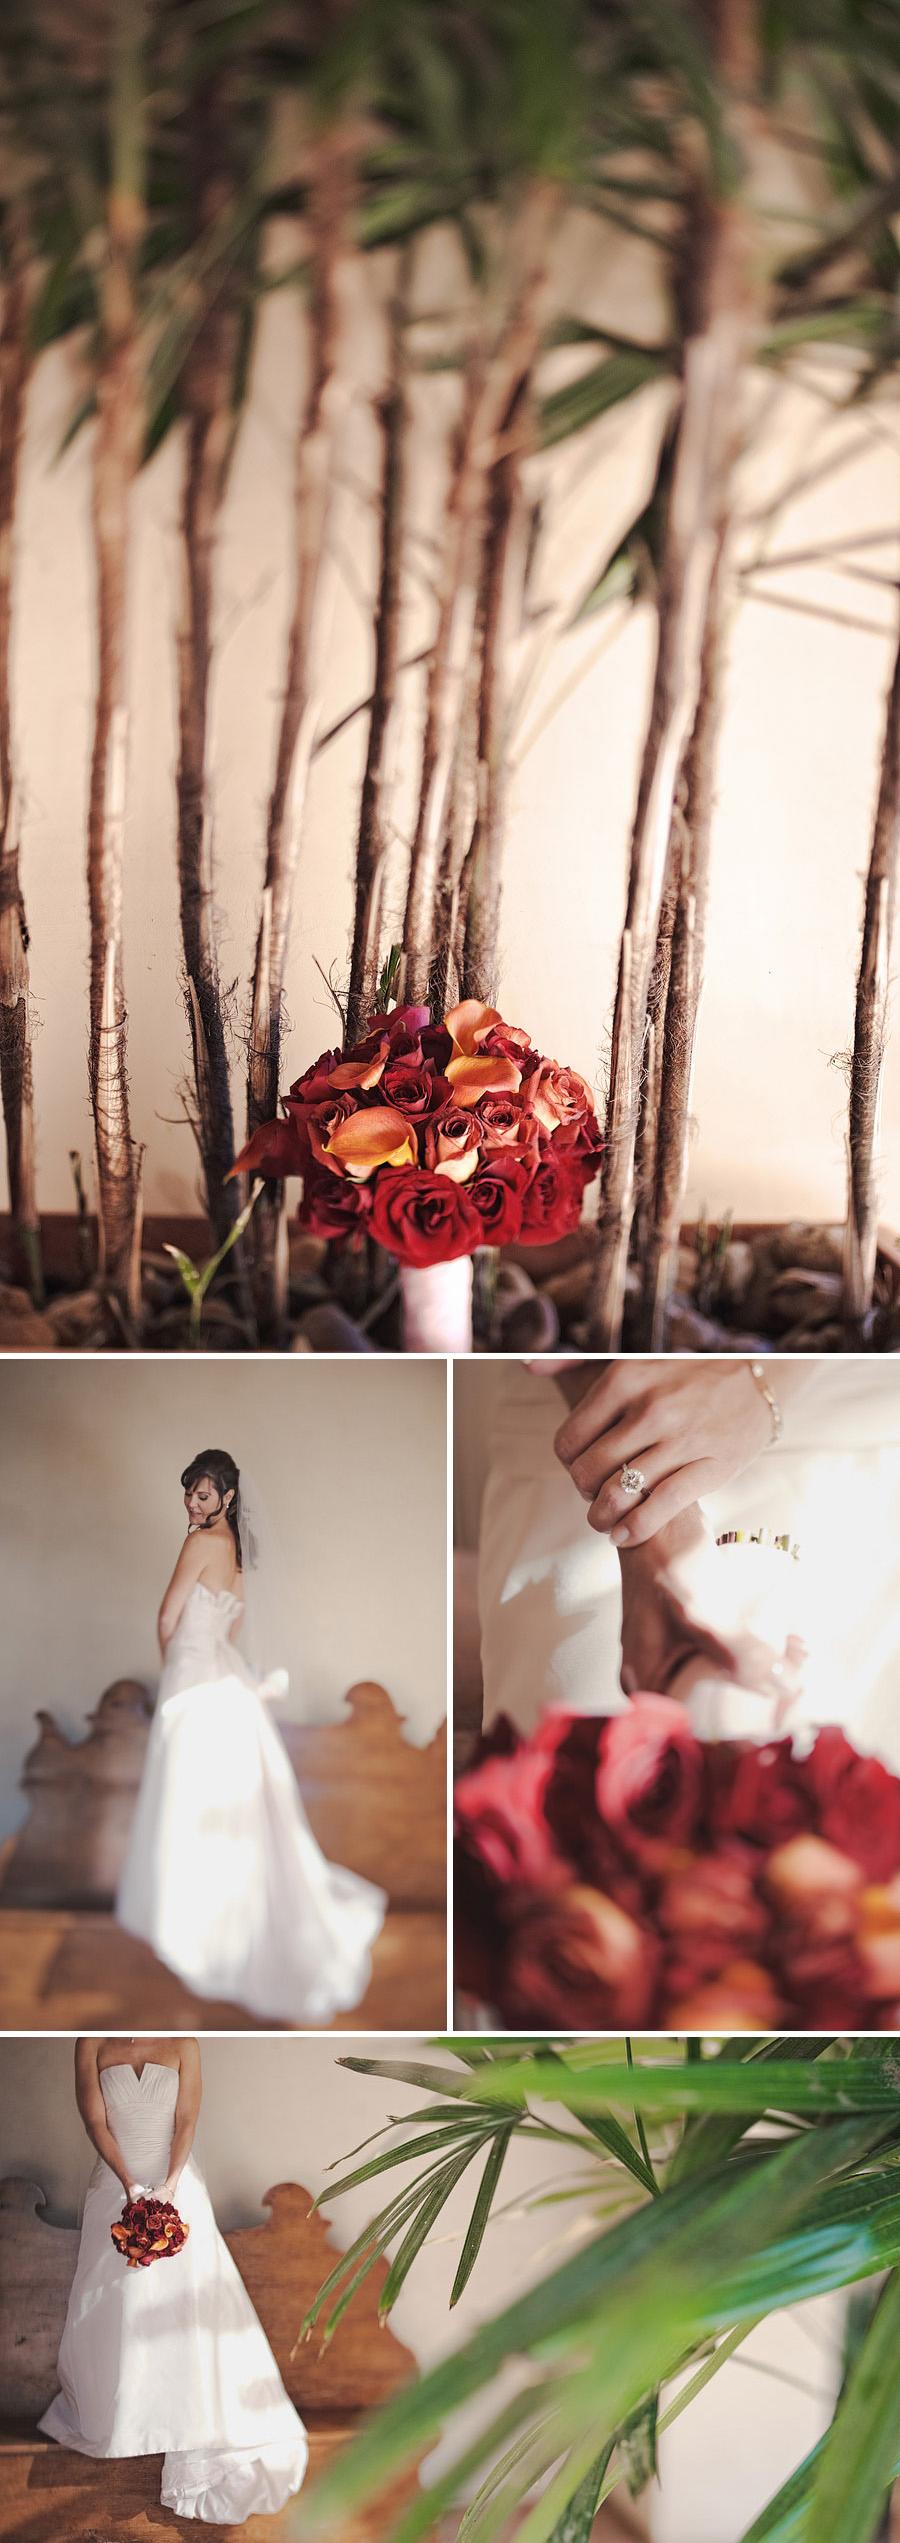 Pelican hill wedding photos 0010